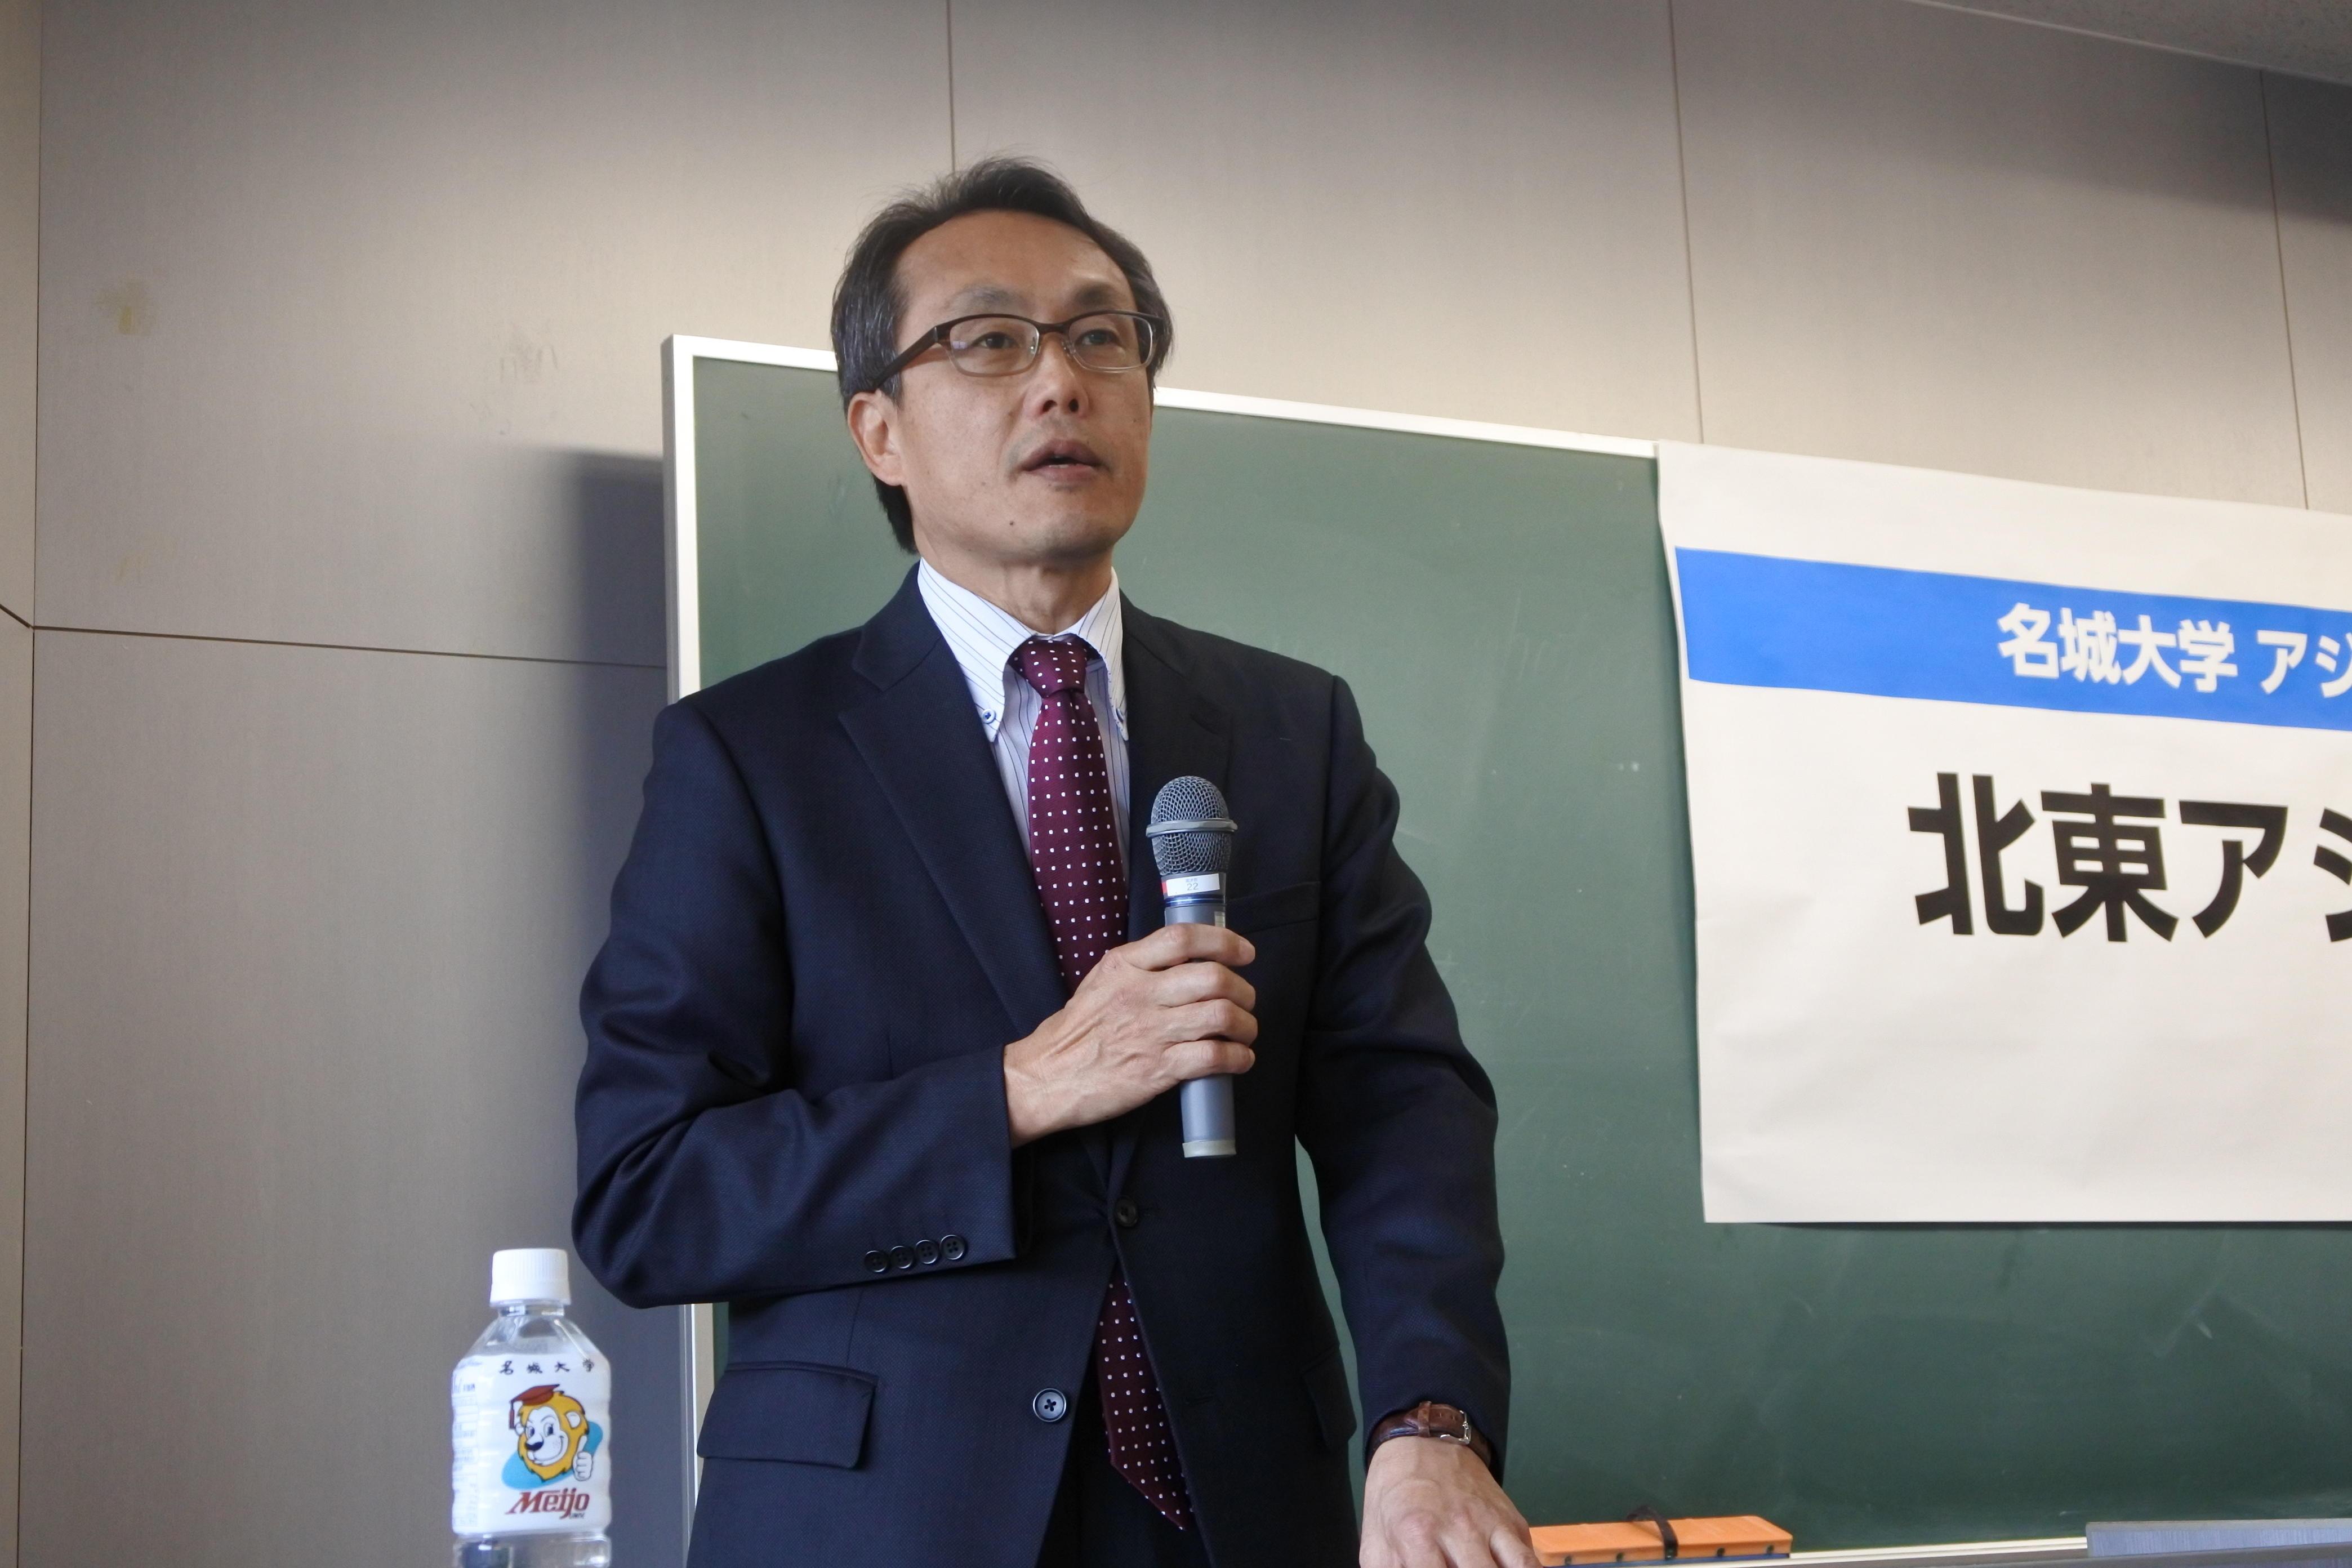 初代センター長の福島茂副学長が冒頭であいさつ